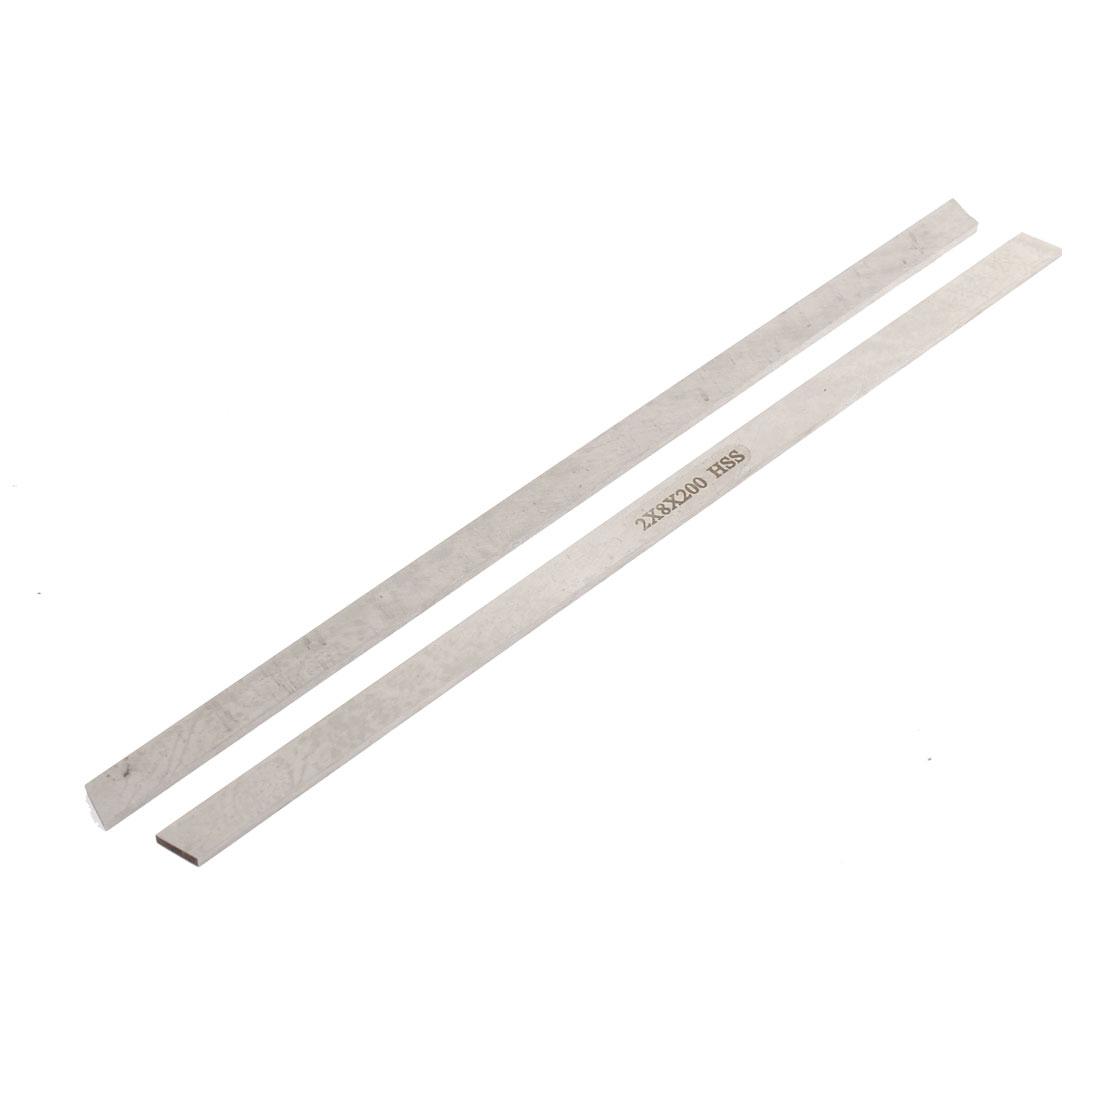 CNC Lathe HSS Parallelogram Bit Cutting Boring Bar Cutter Tool 2mmx8mmx200mm 2pcs